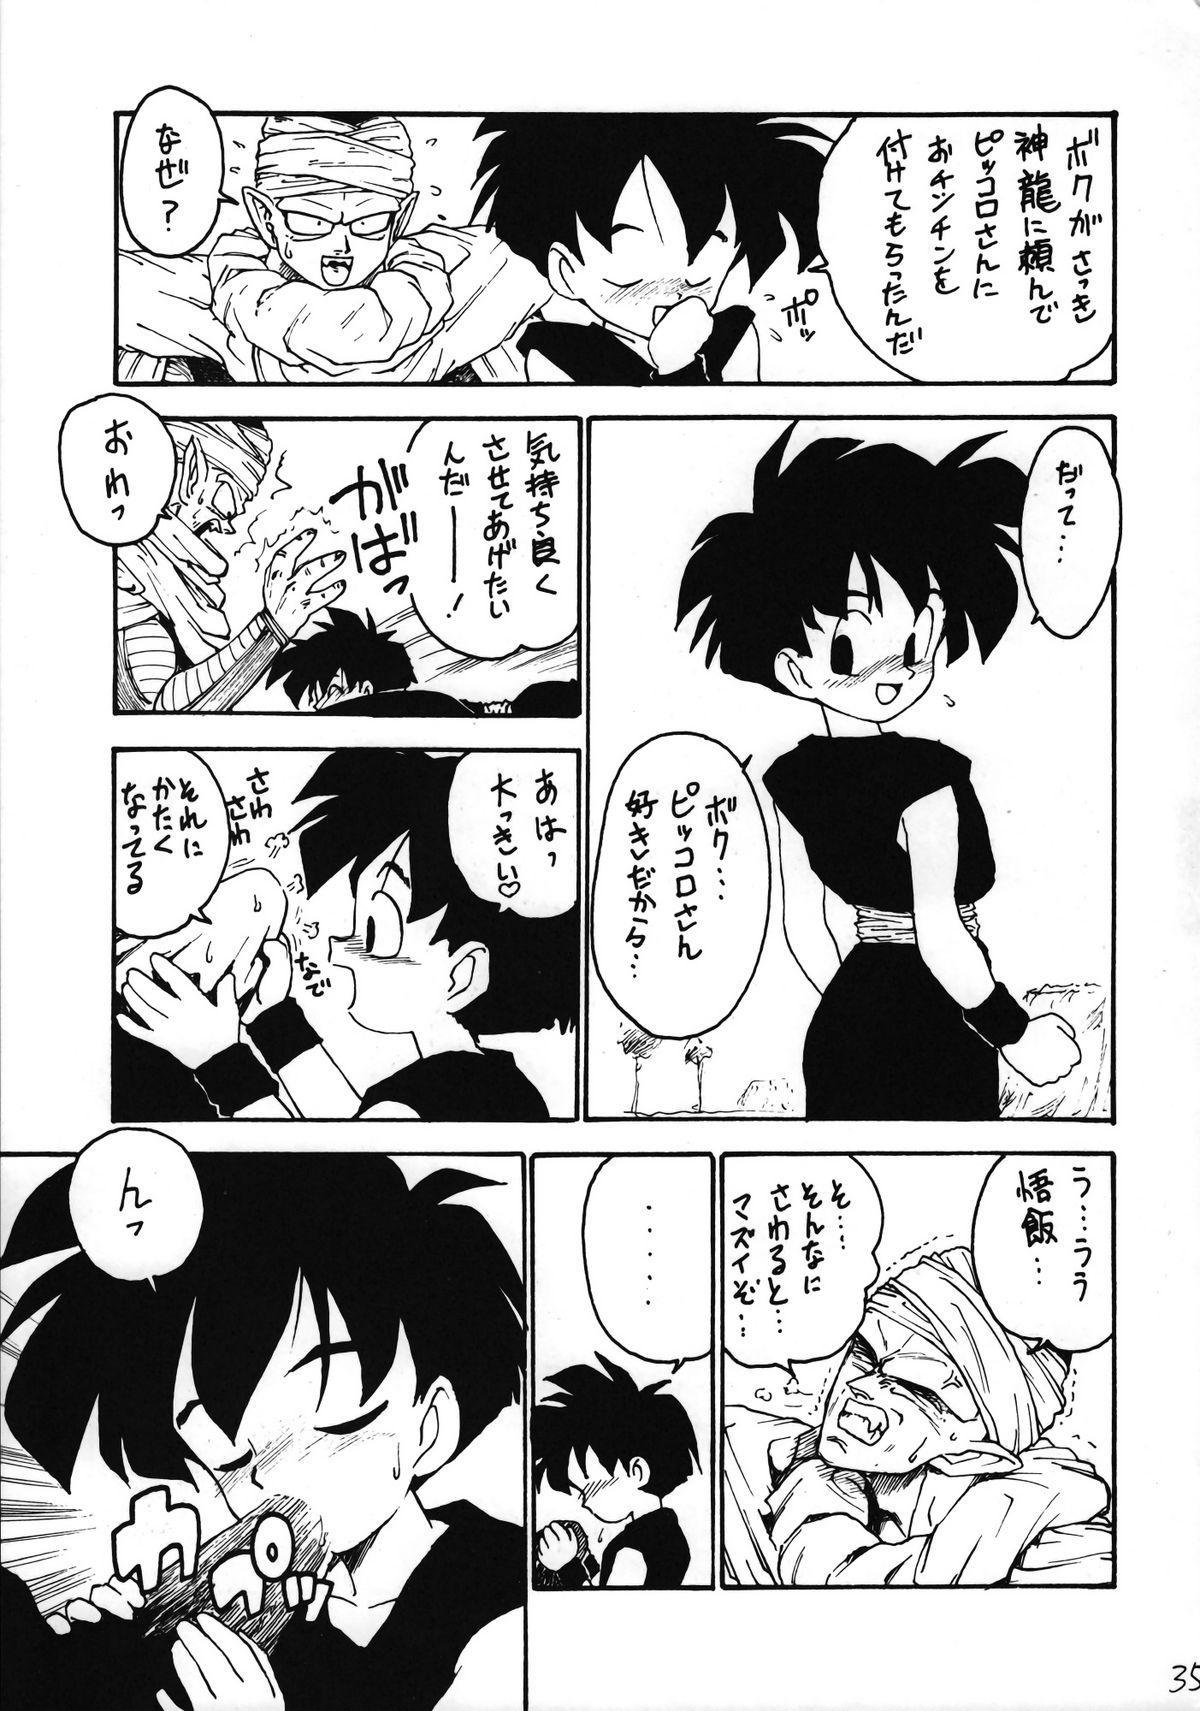 Ikenai! Otokonoko Hon Boy's H Book 2 35